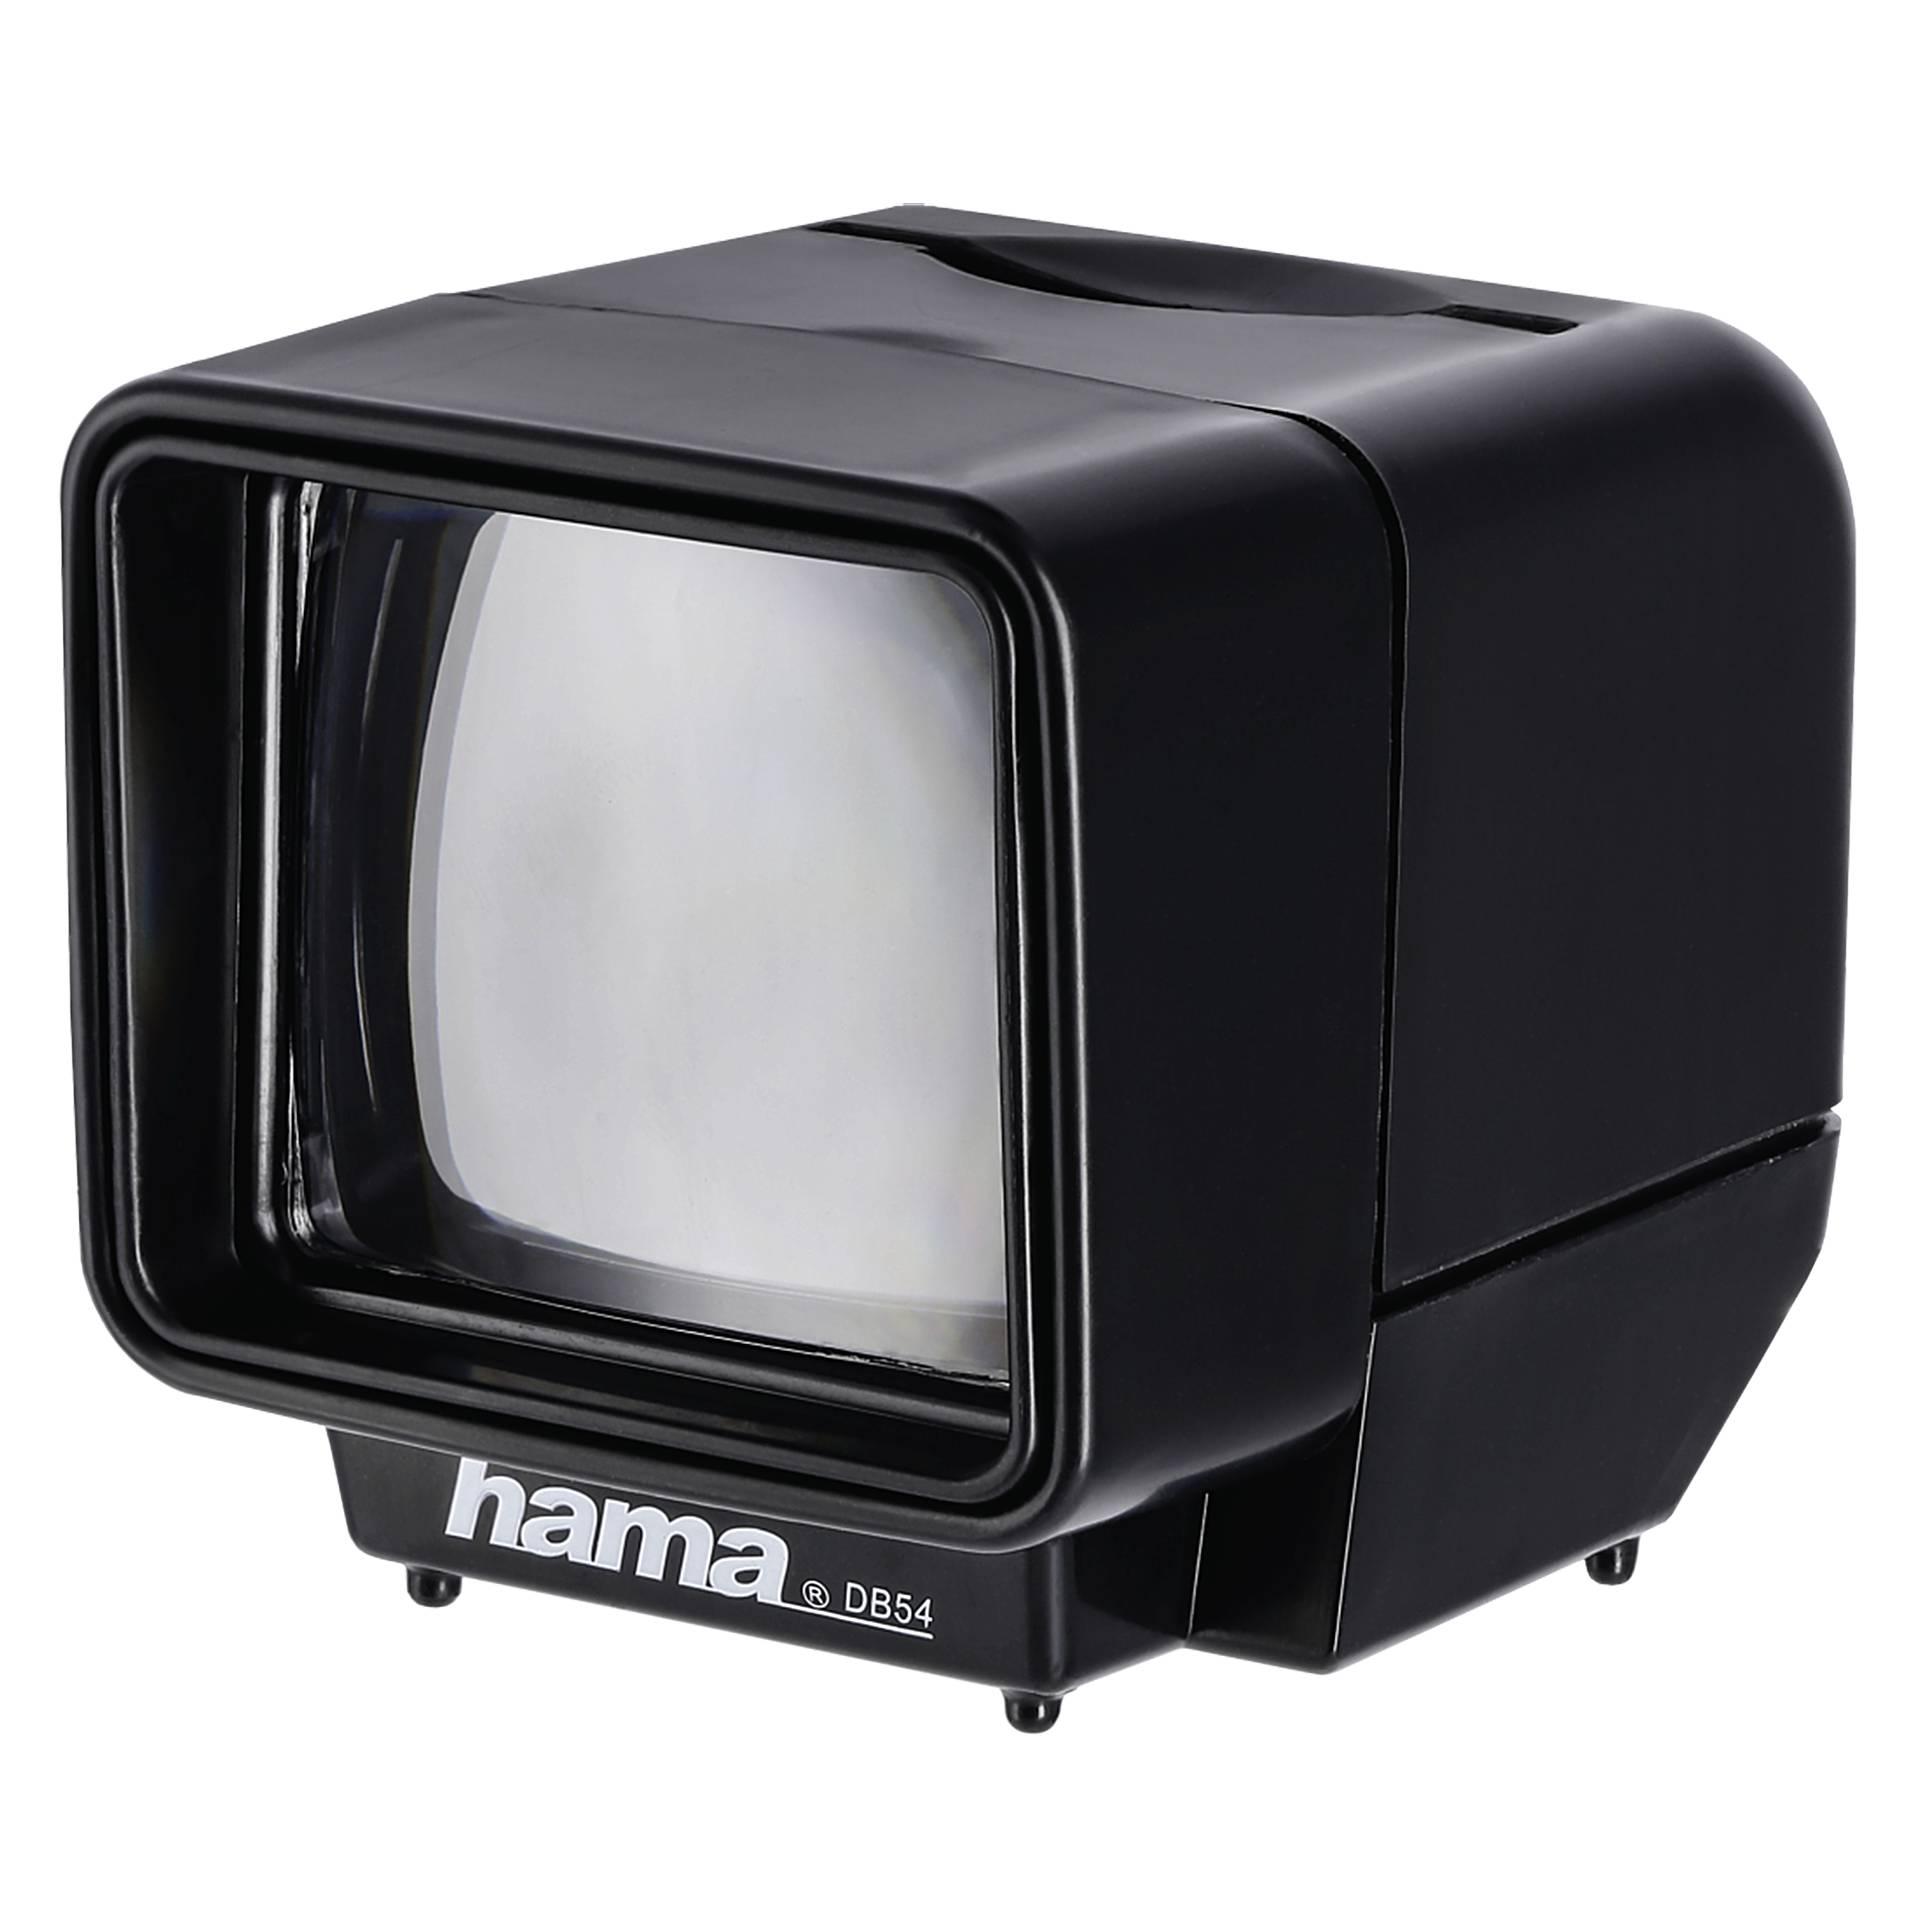 Hama Diabetrachter LED 3-fache Vergrößerung